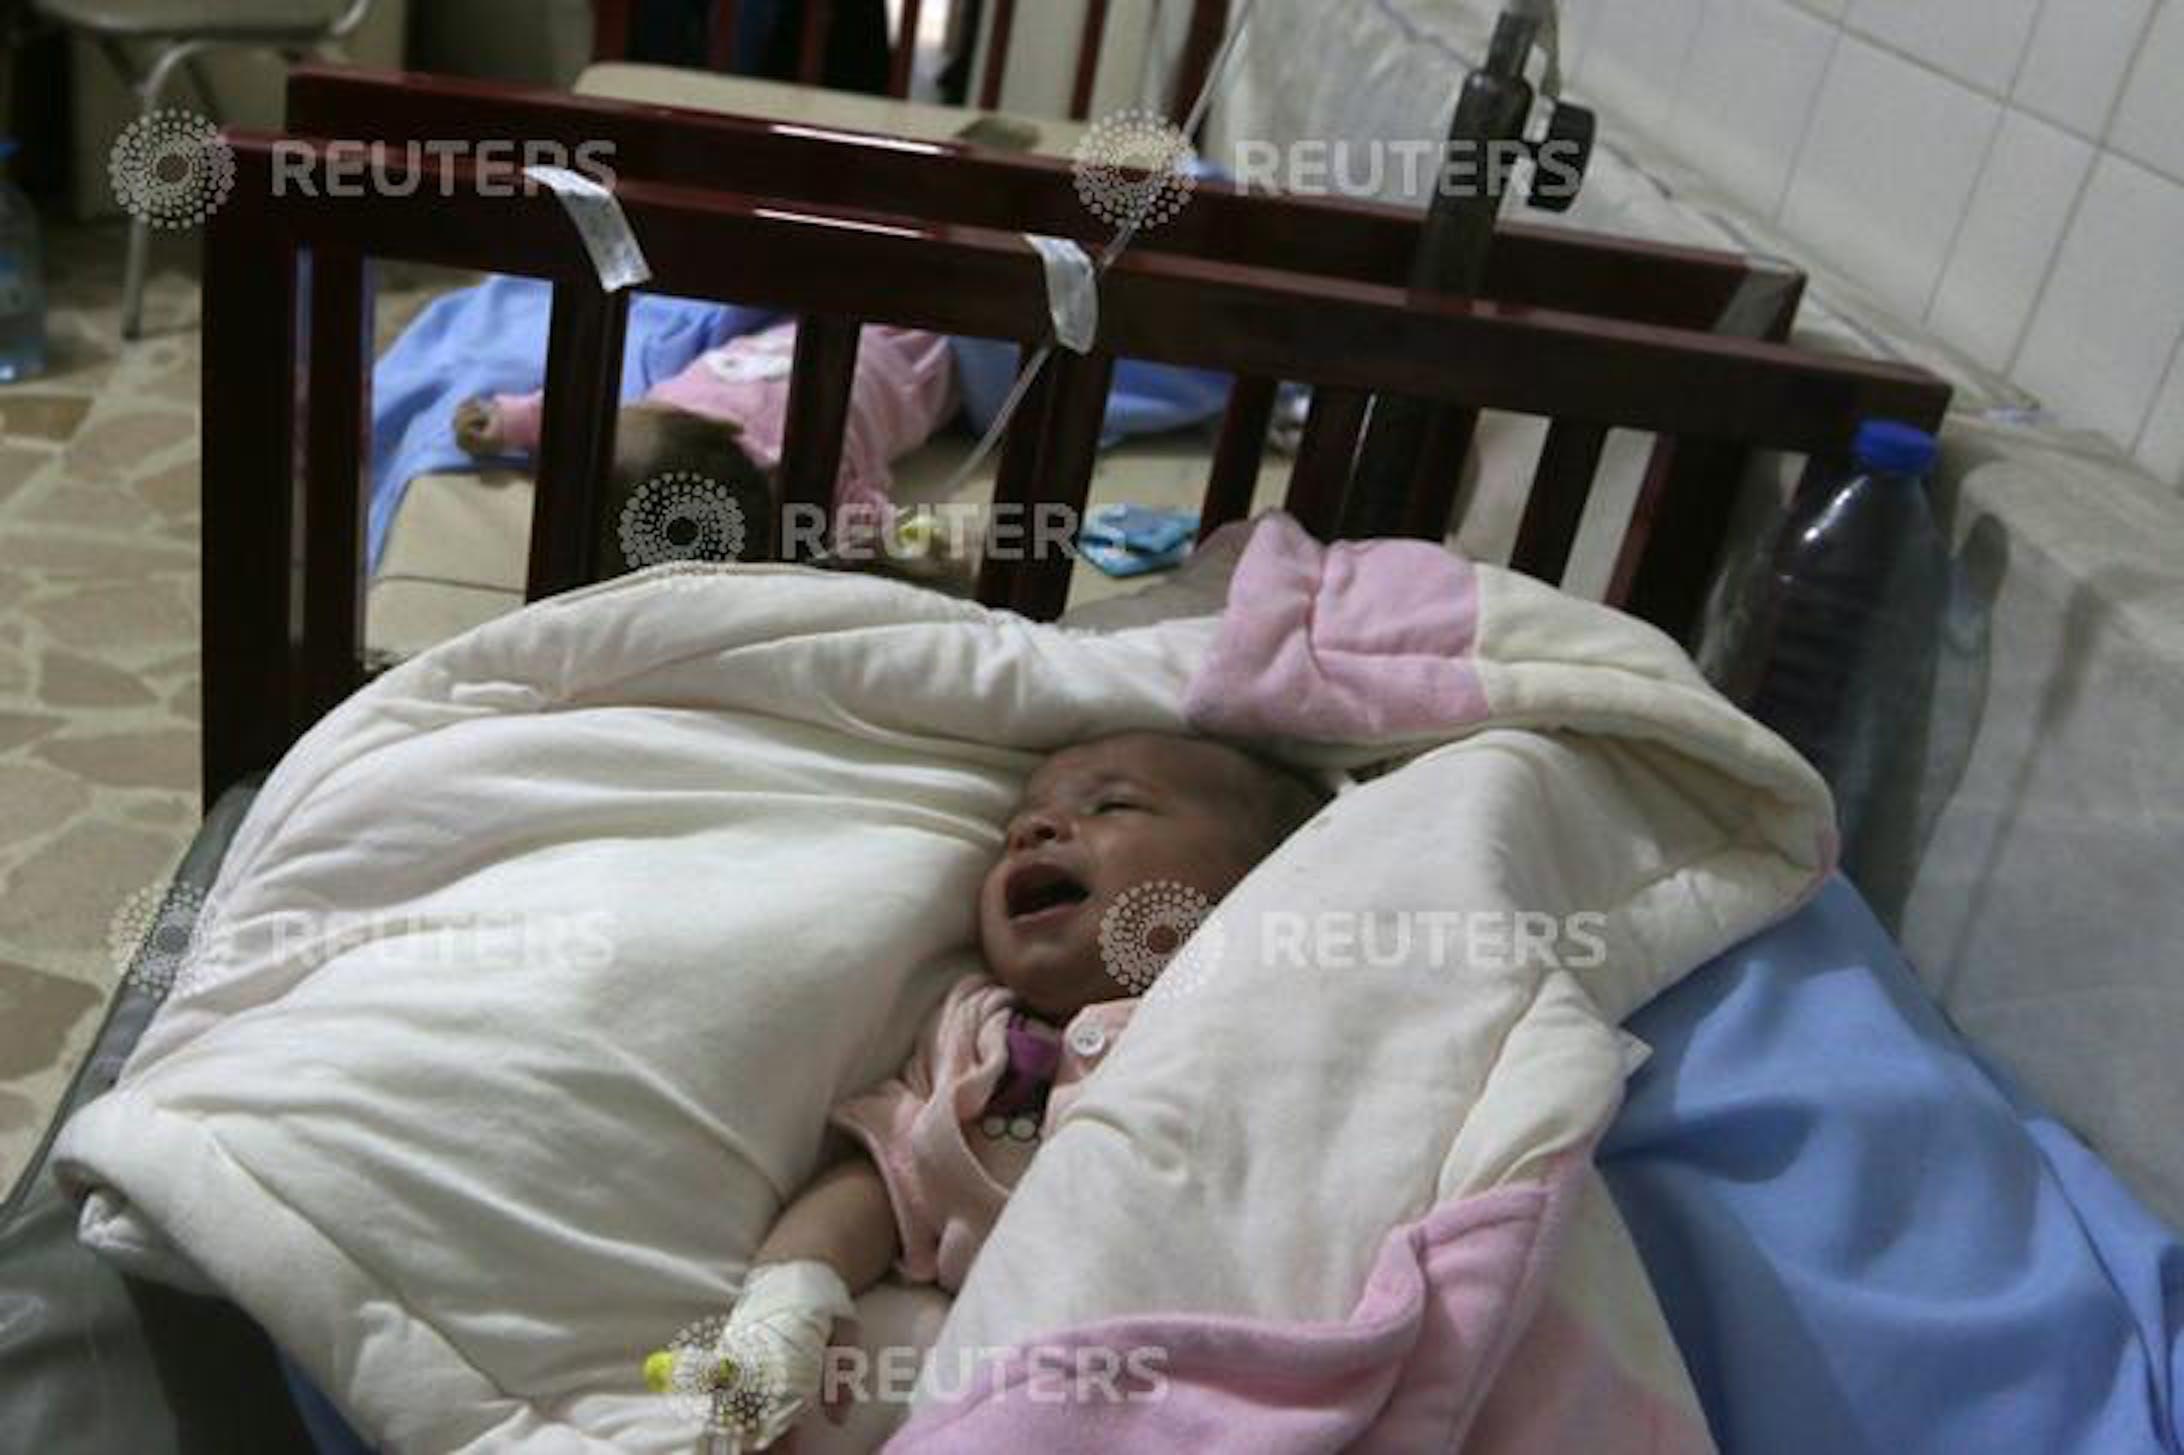 un bambino sta per essere trasferito dopo che l'ospedale è stato parzialmente danneggiato da un attacco aereo ad Aleppo REUTERS/Abdalrhman Ismail